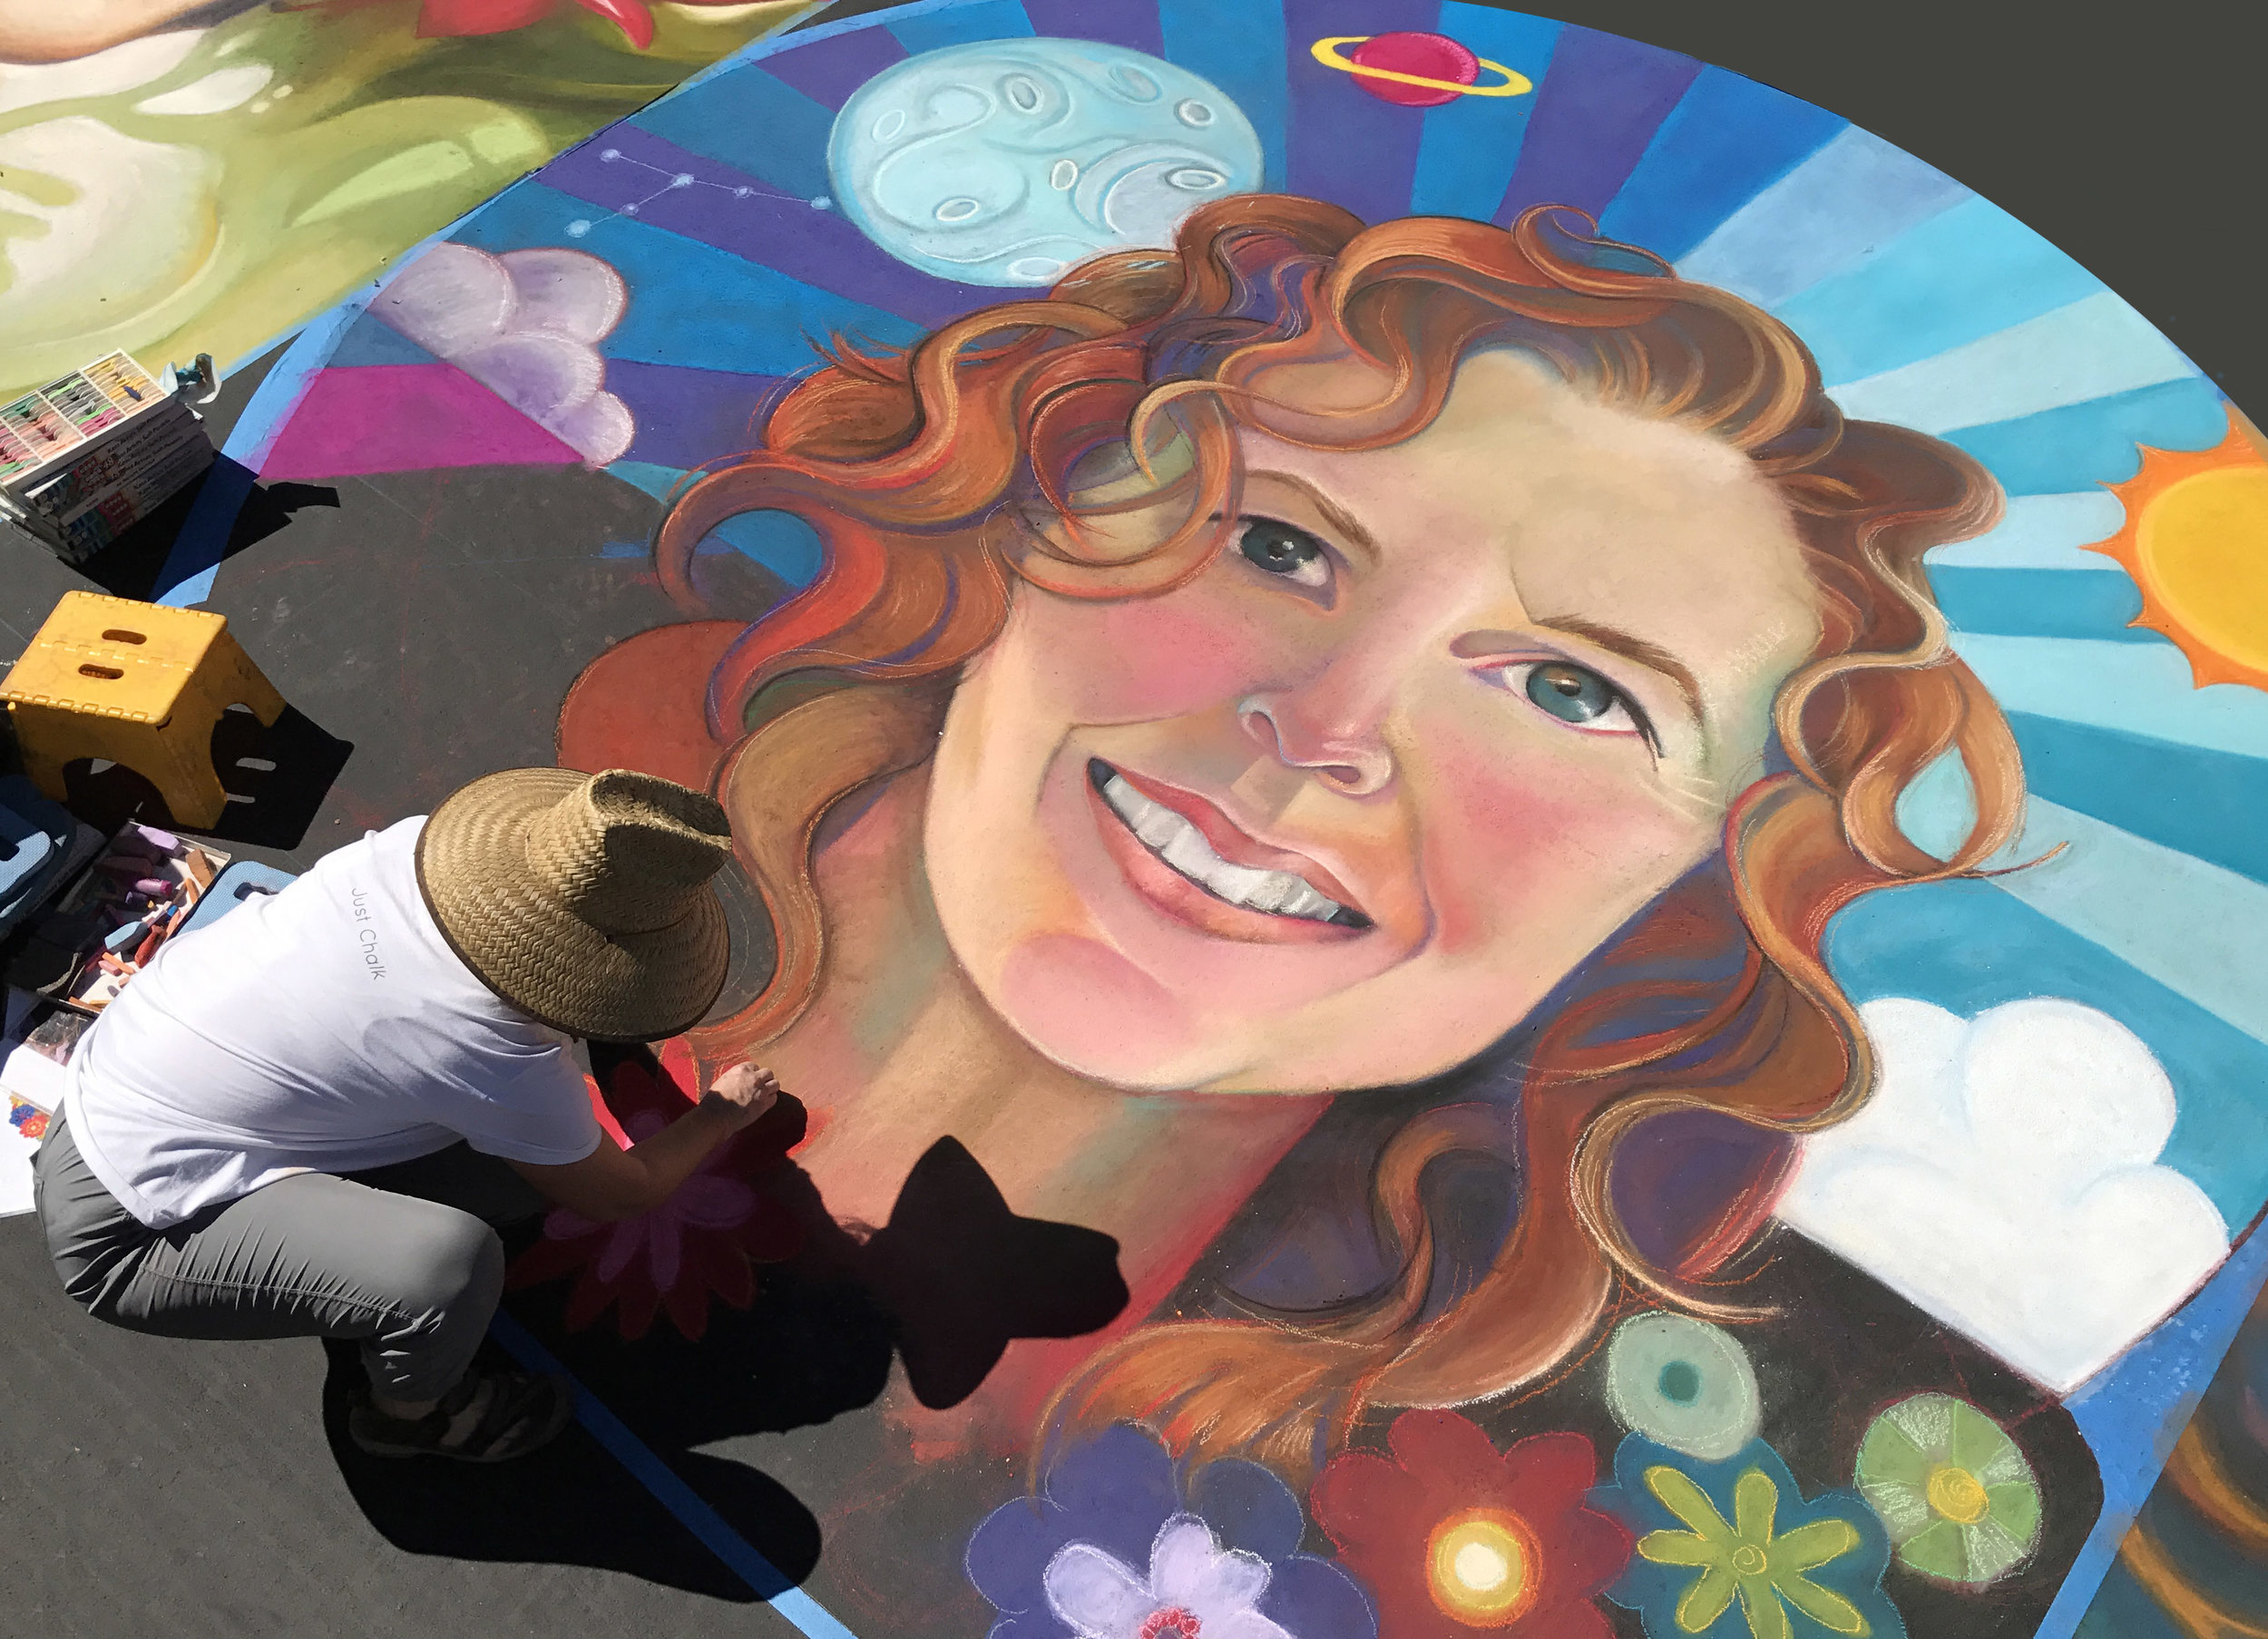 selfie_mural.jpg